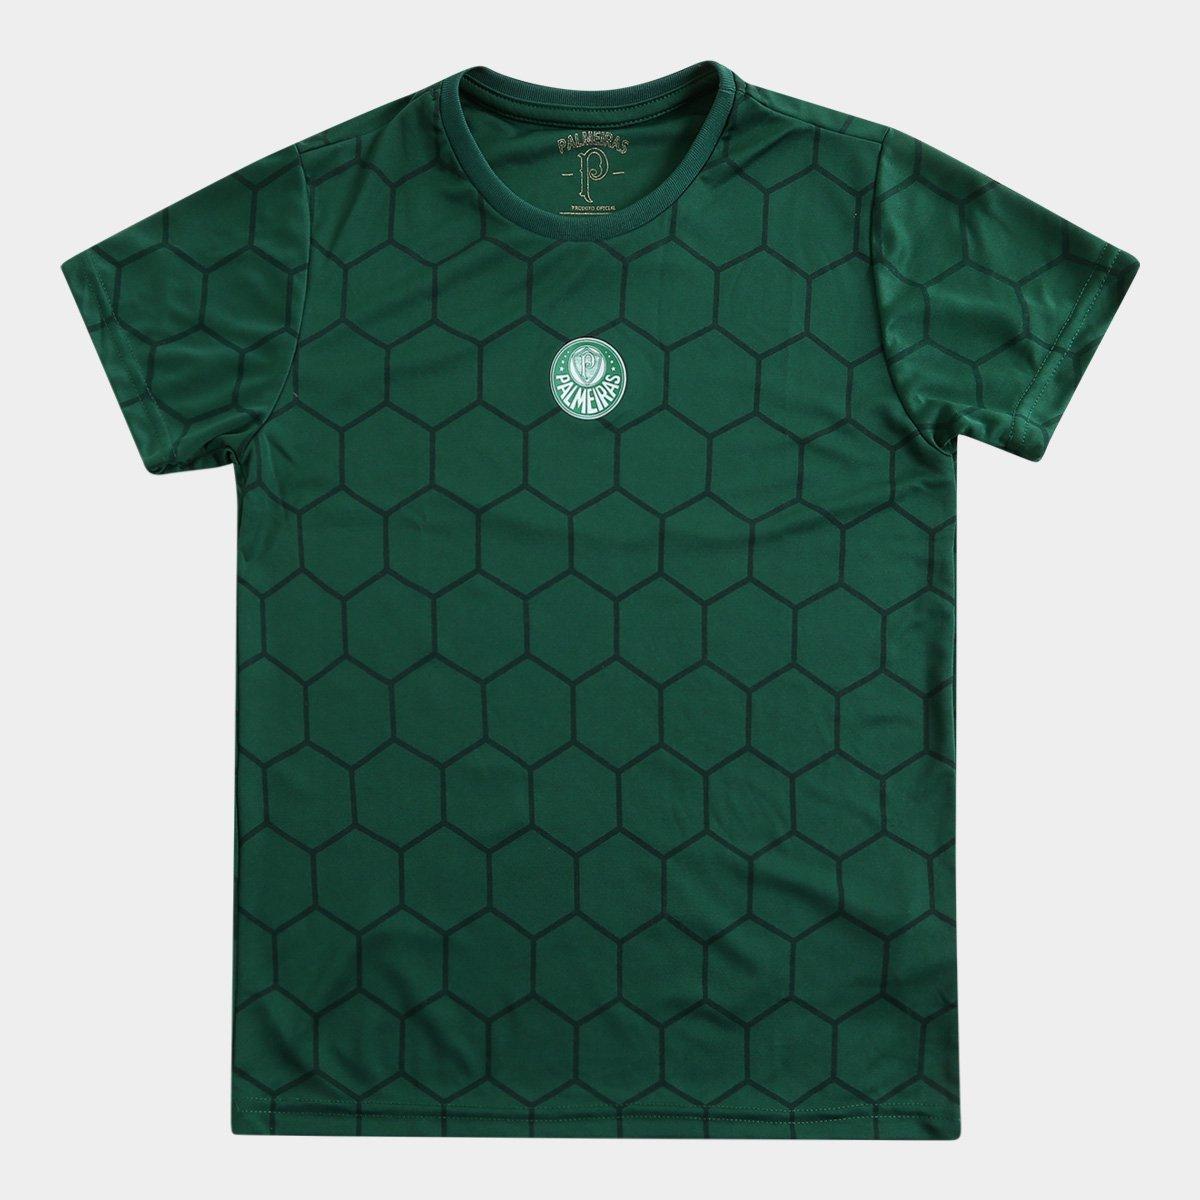 Infantil Infantil Palmeiras Camiseta Palmeiras Palmeiras Ton Sublimada Infantil Camiseta Verde Sublimada Verde Ton Ton Sublimada Camiseta 7dPwPqx